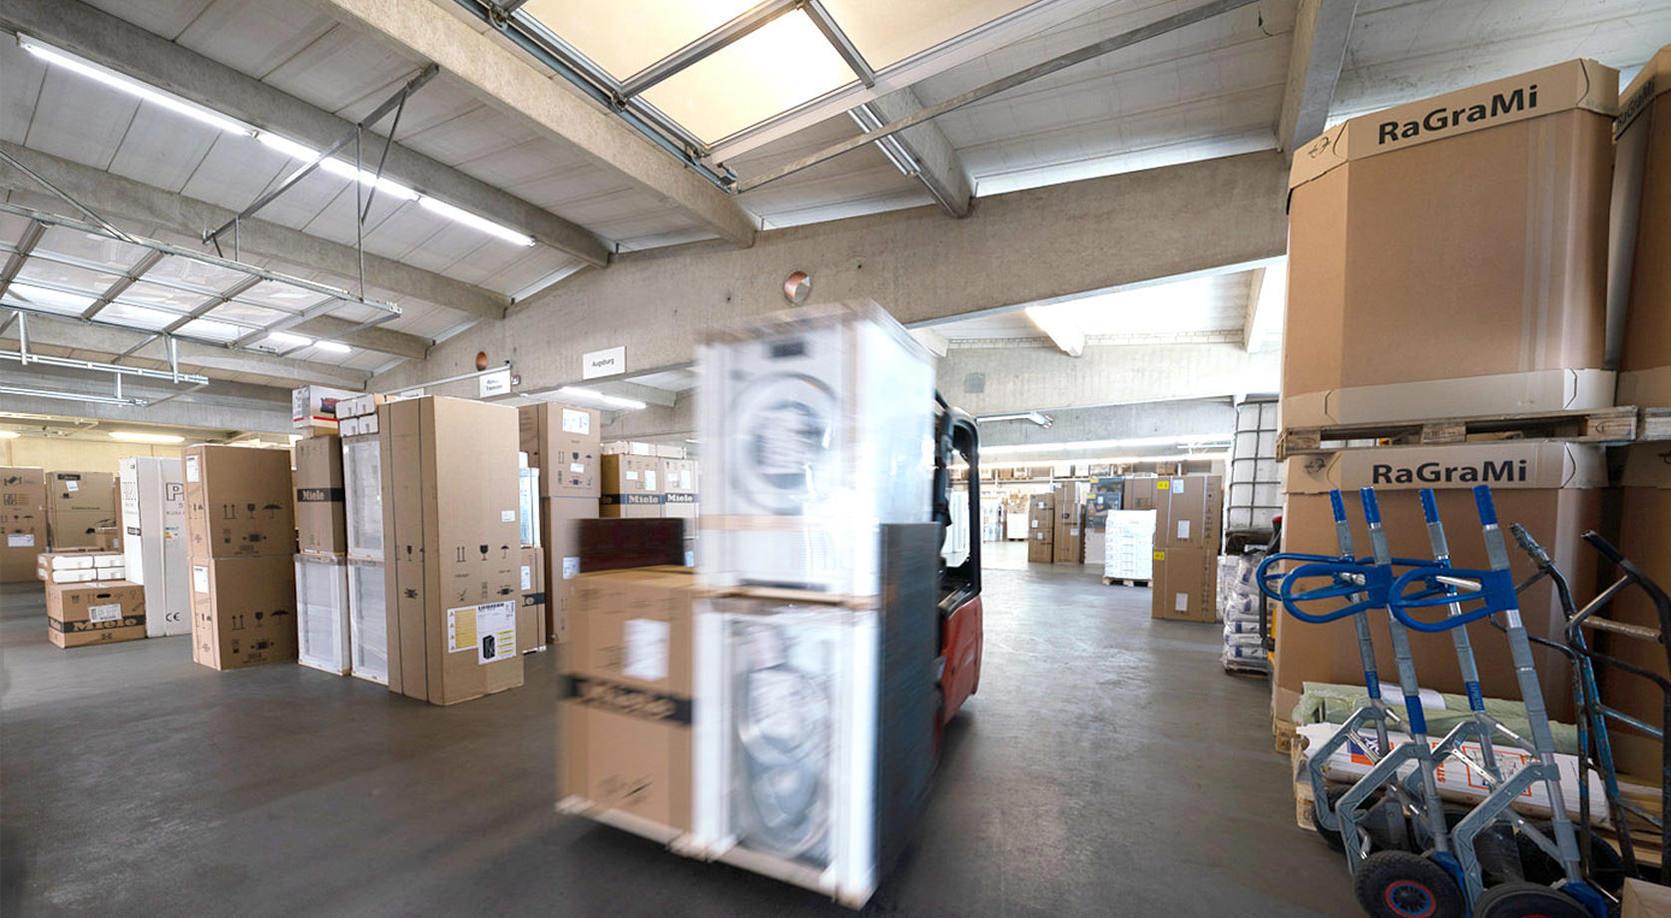 Schweiger Transport GmbH - Speditions- und Logistikunternehmen - Lager